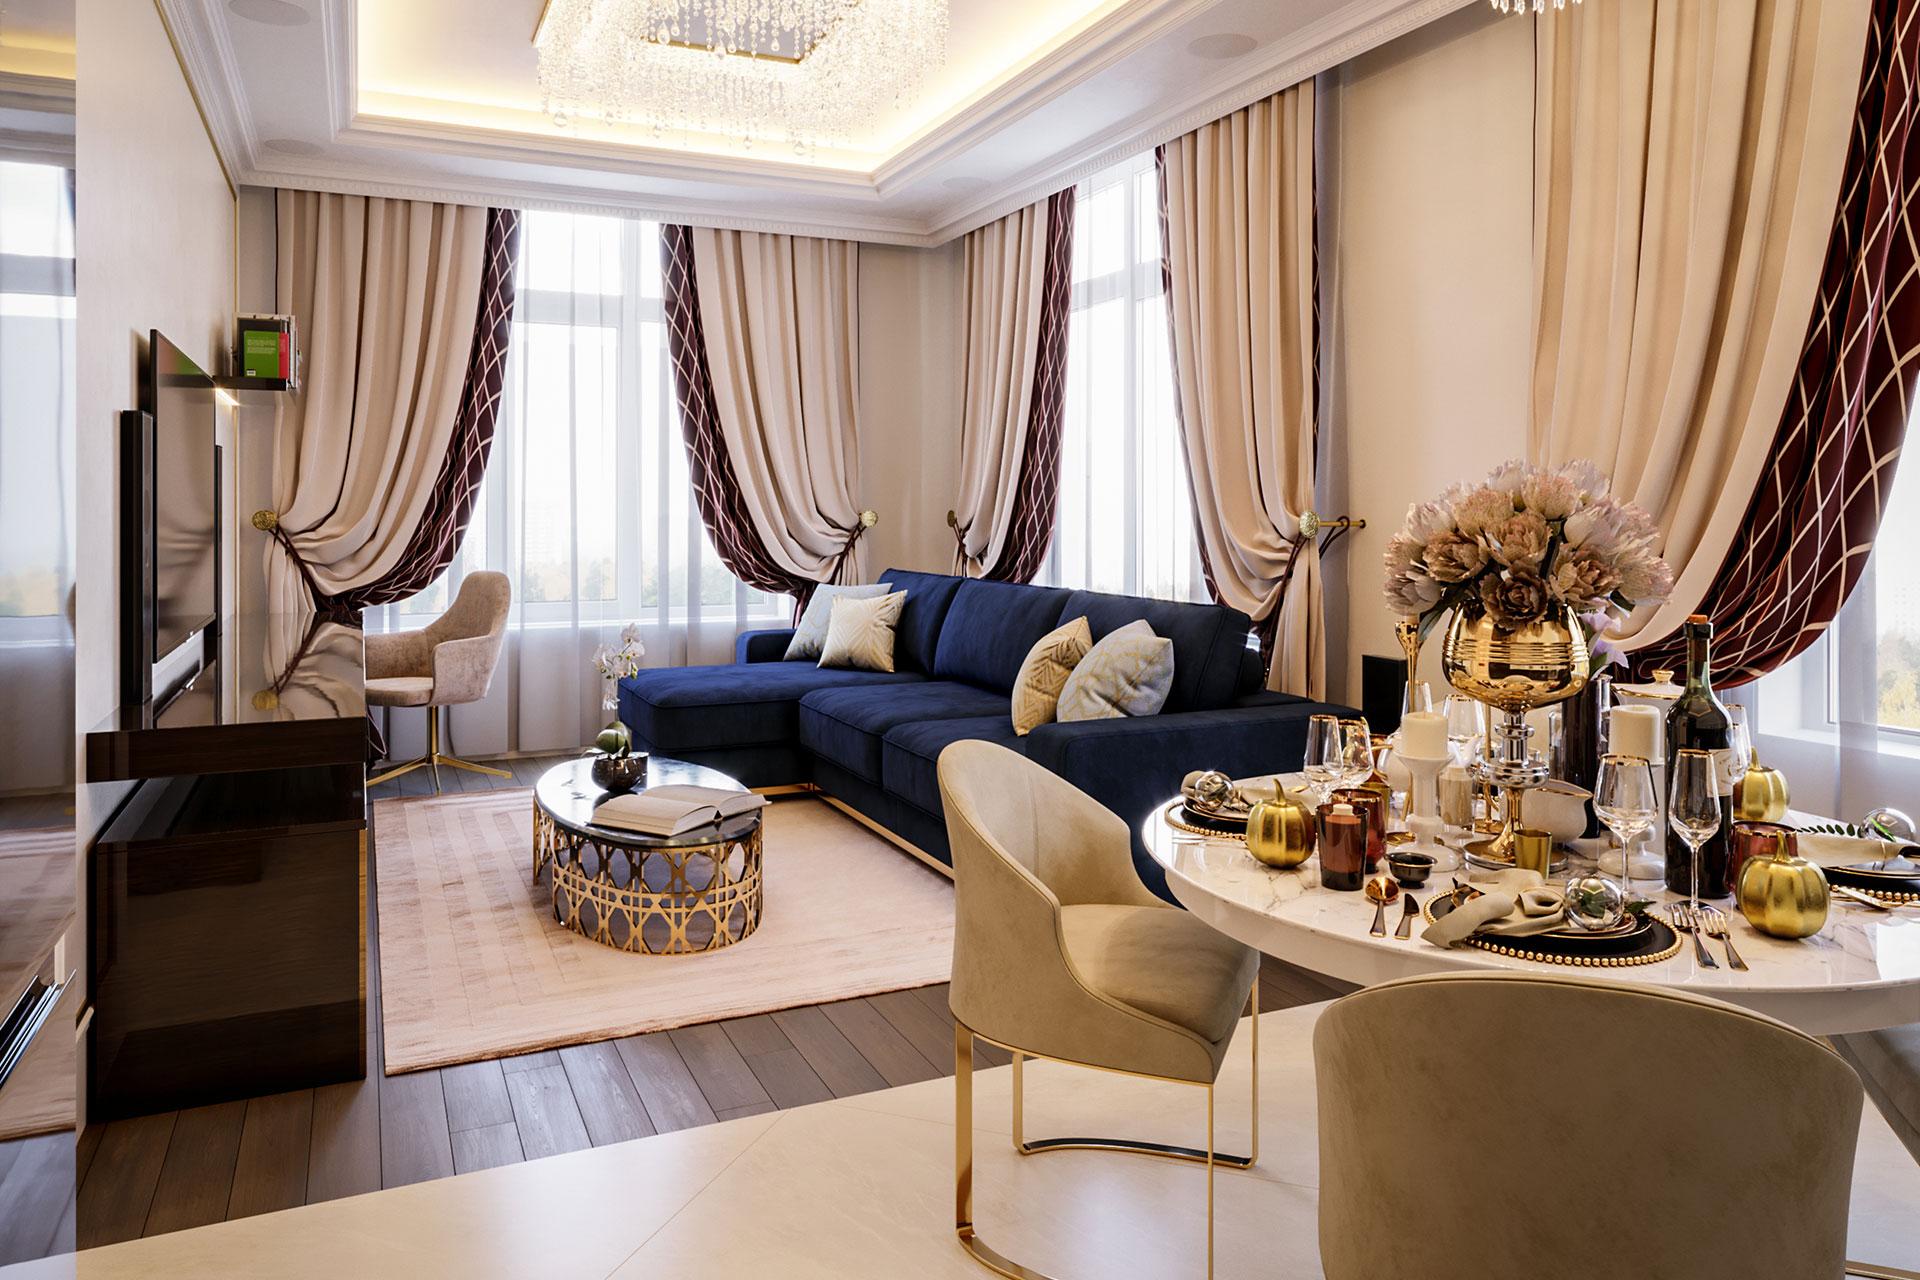 Дизайн интерьера квартиры в ЖК Суббота